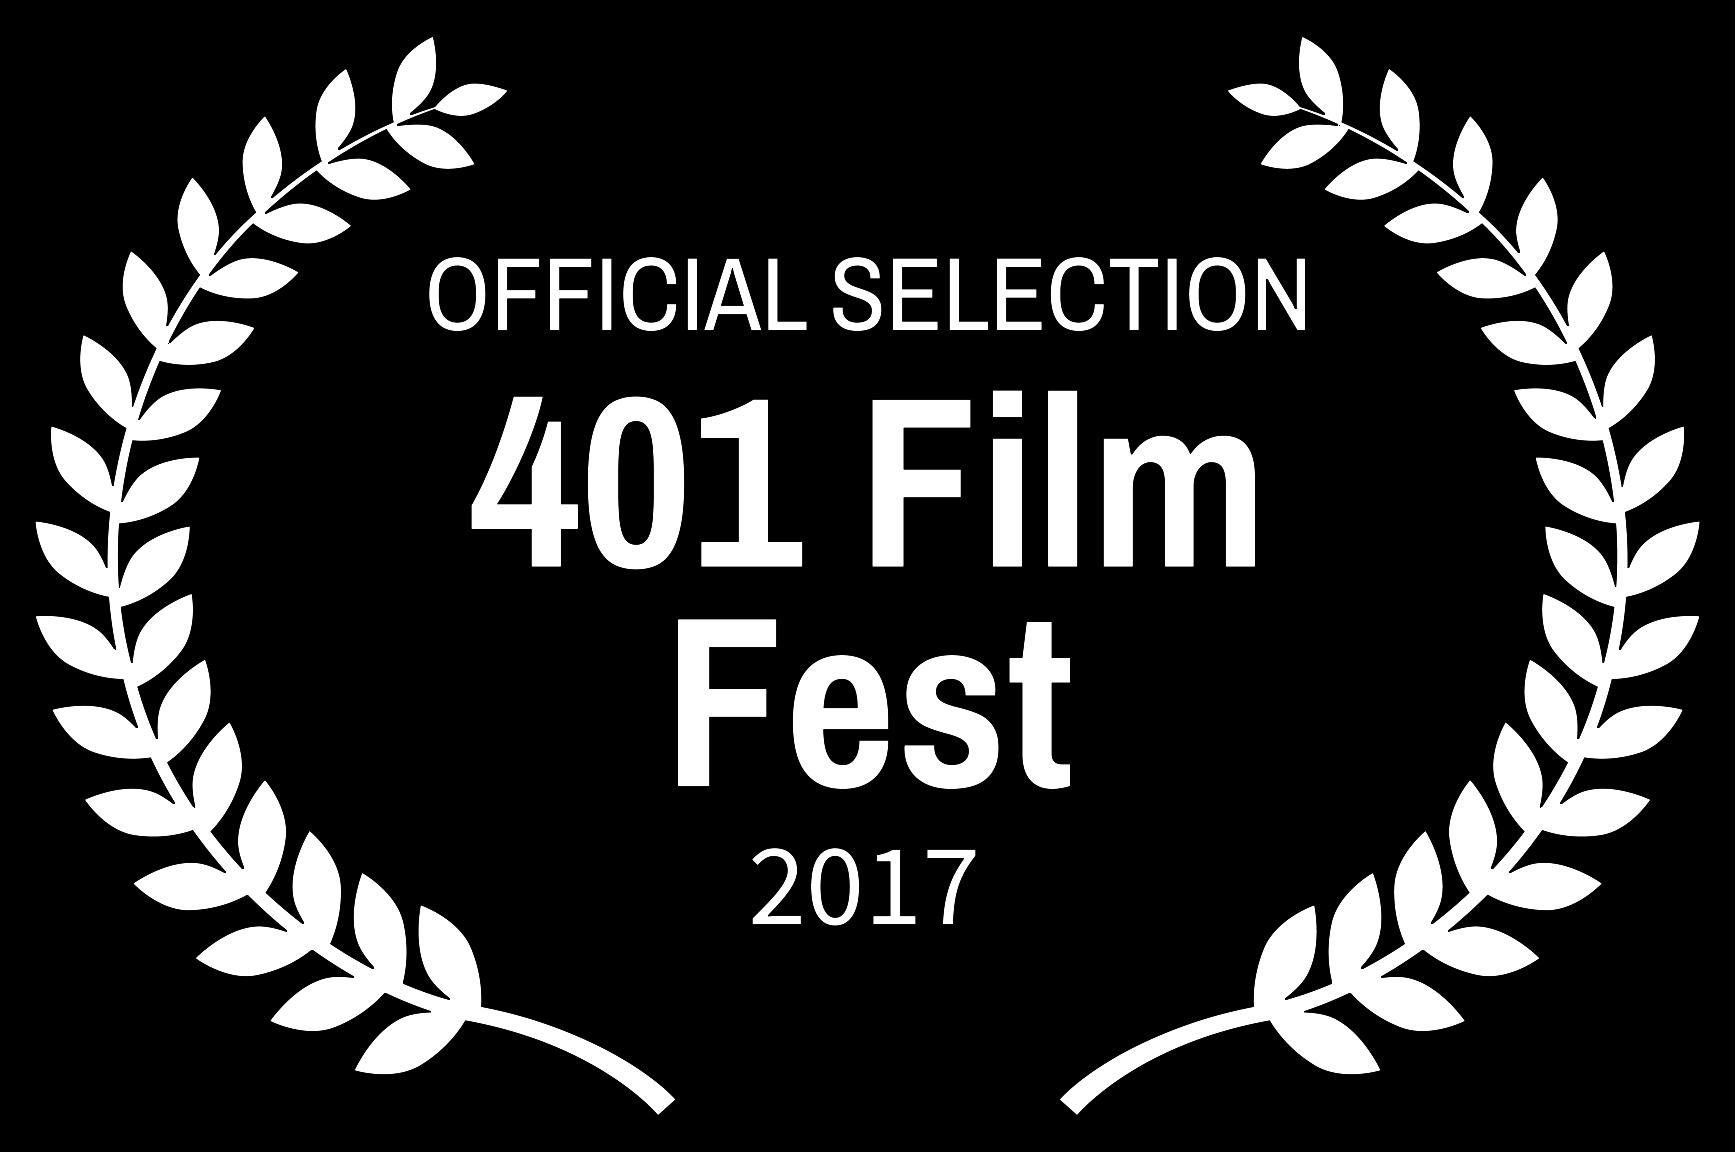 OFFICIAL SELECTION - 401 Film Fest - 2017 copy.png